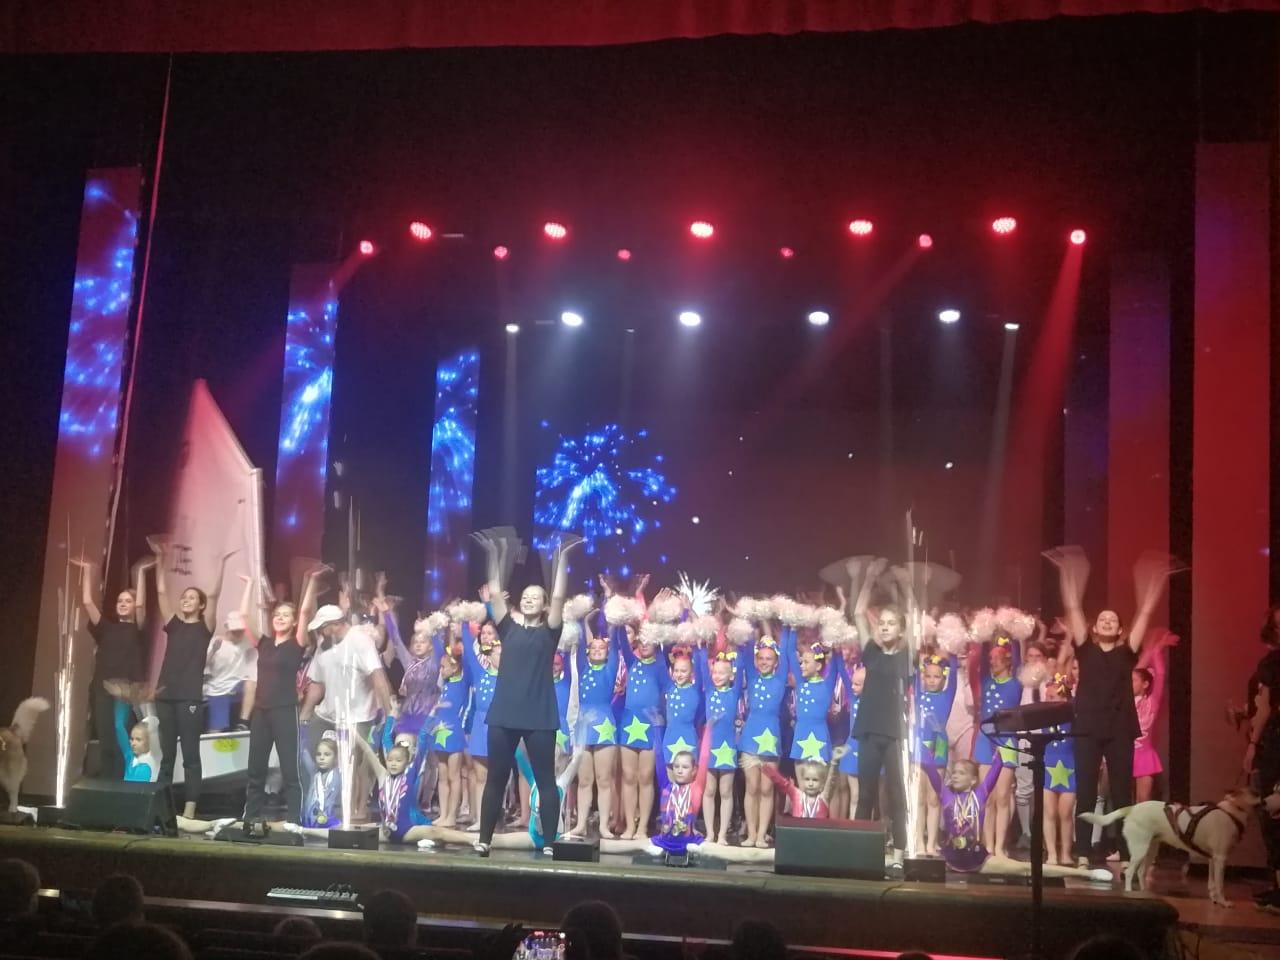 Торжественный прием главы Артемовского городского округа талантливой и творческой молодежи округа с успехом прошел в Артеме.